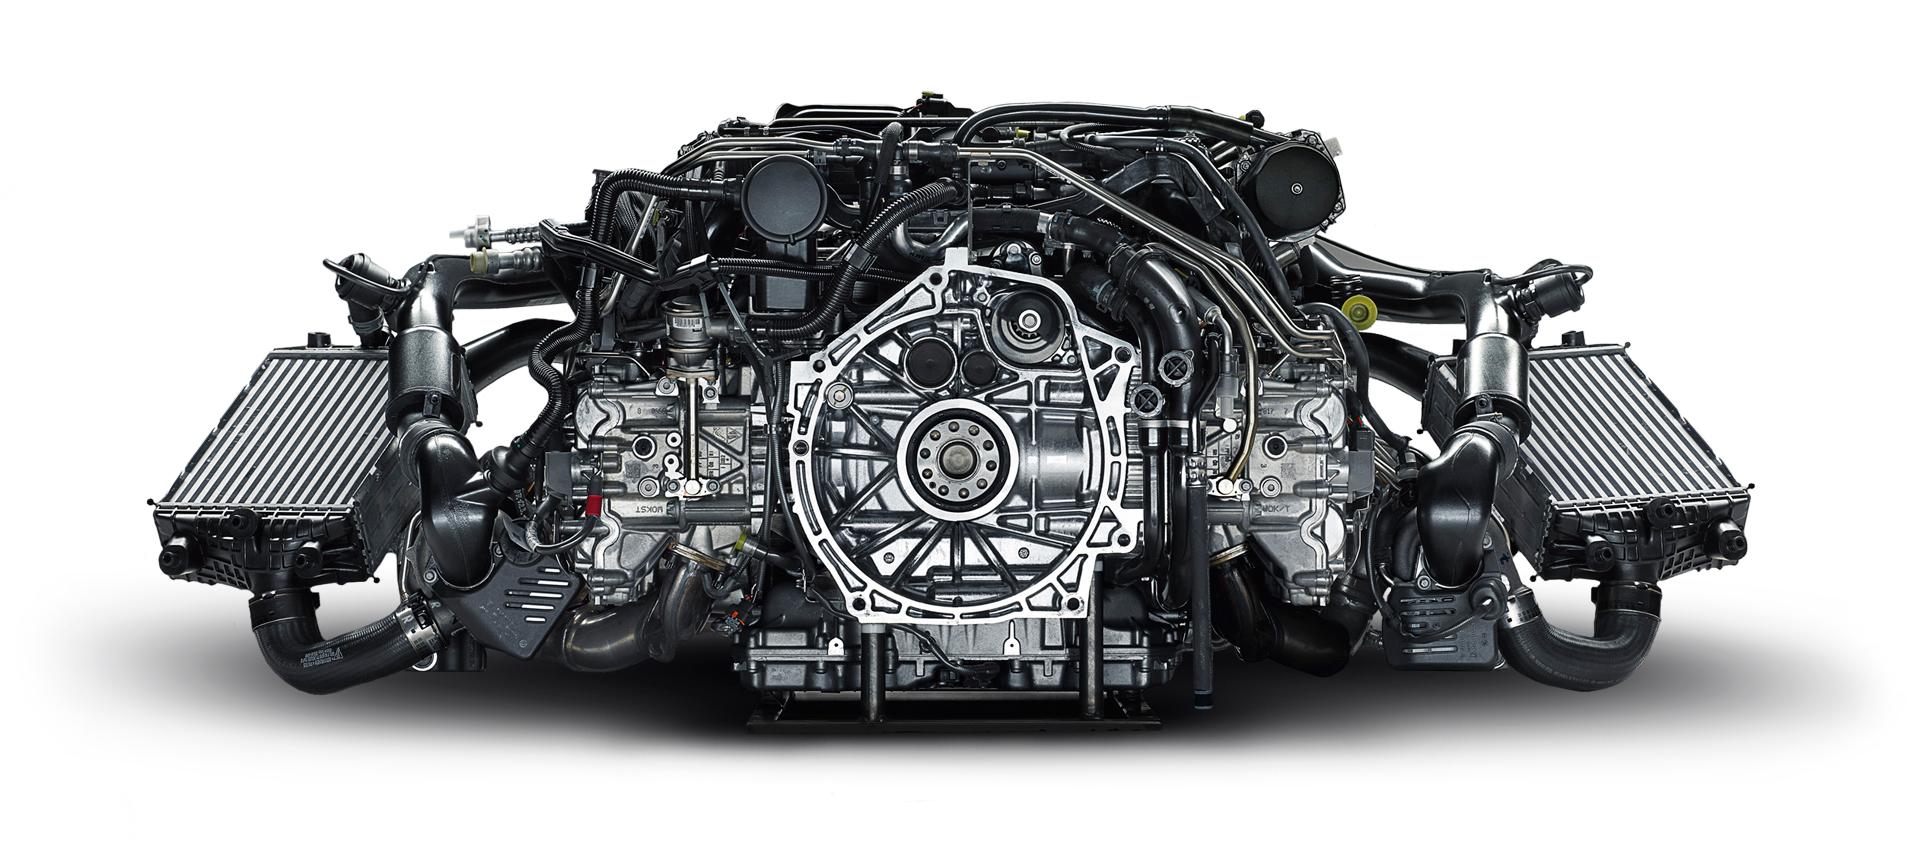 Обман законов физики и плата за совершенство: тест обновленного Porsche 911 Turbo S. Фото 8